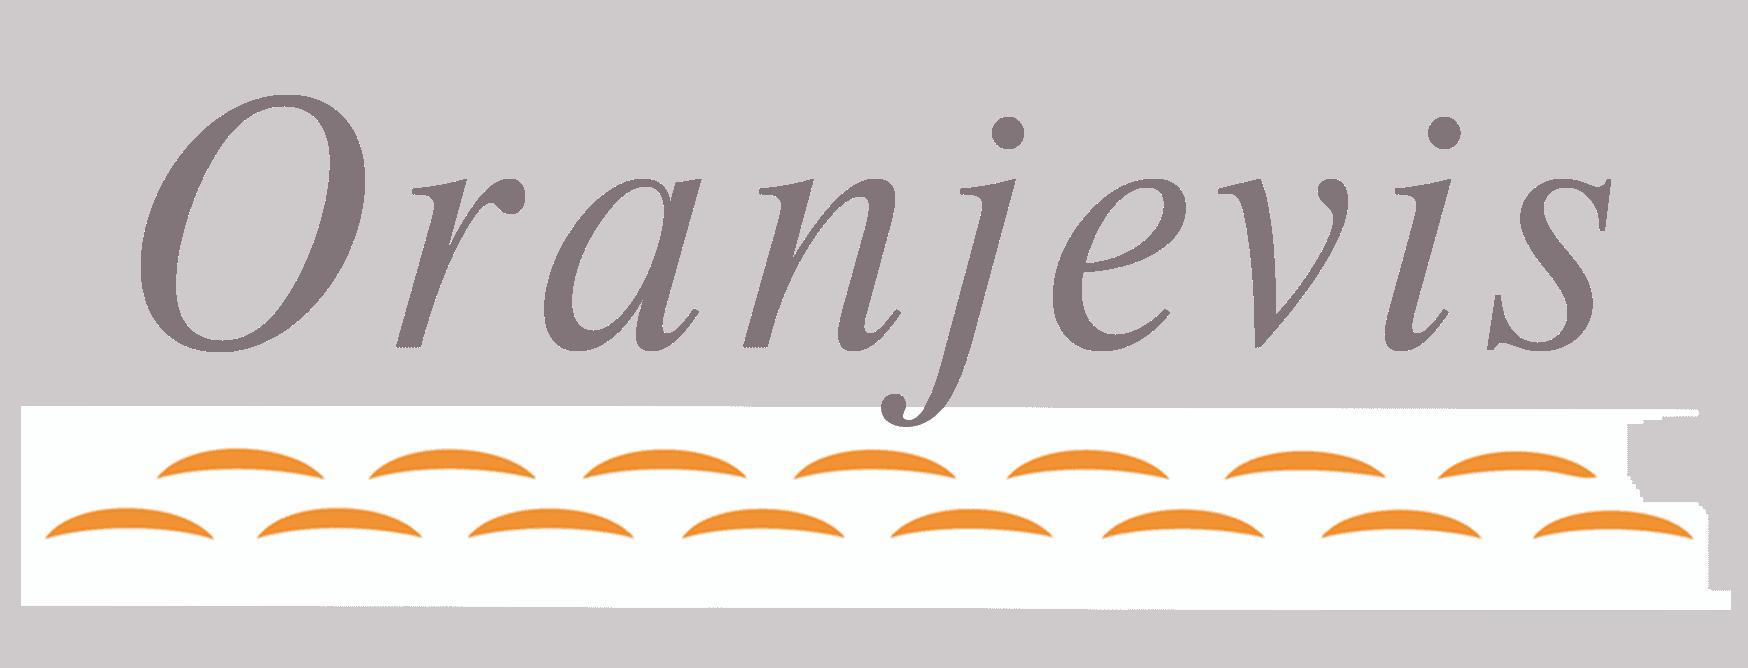 Oranjevis